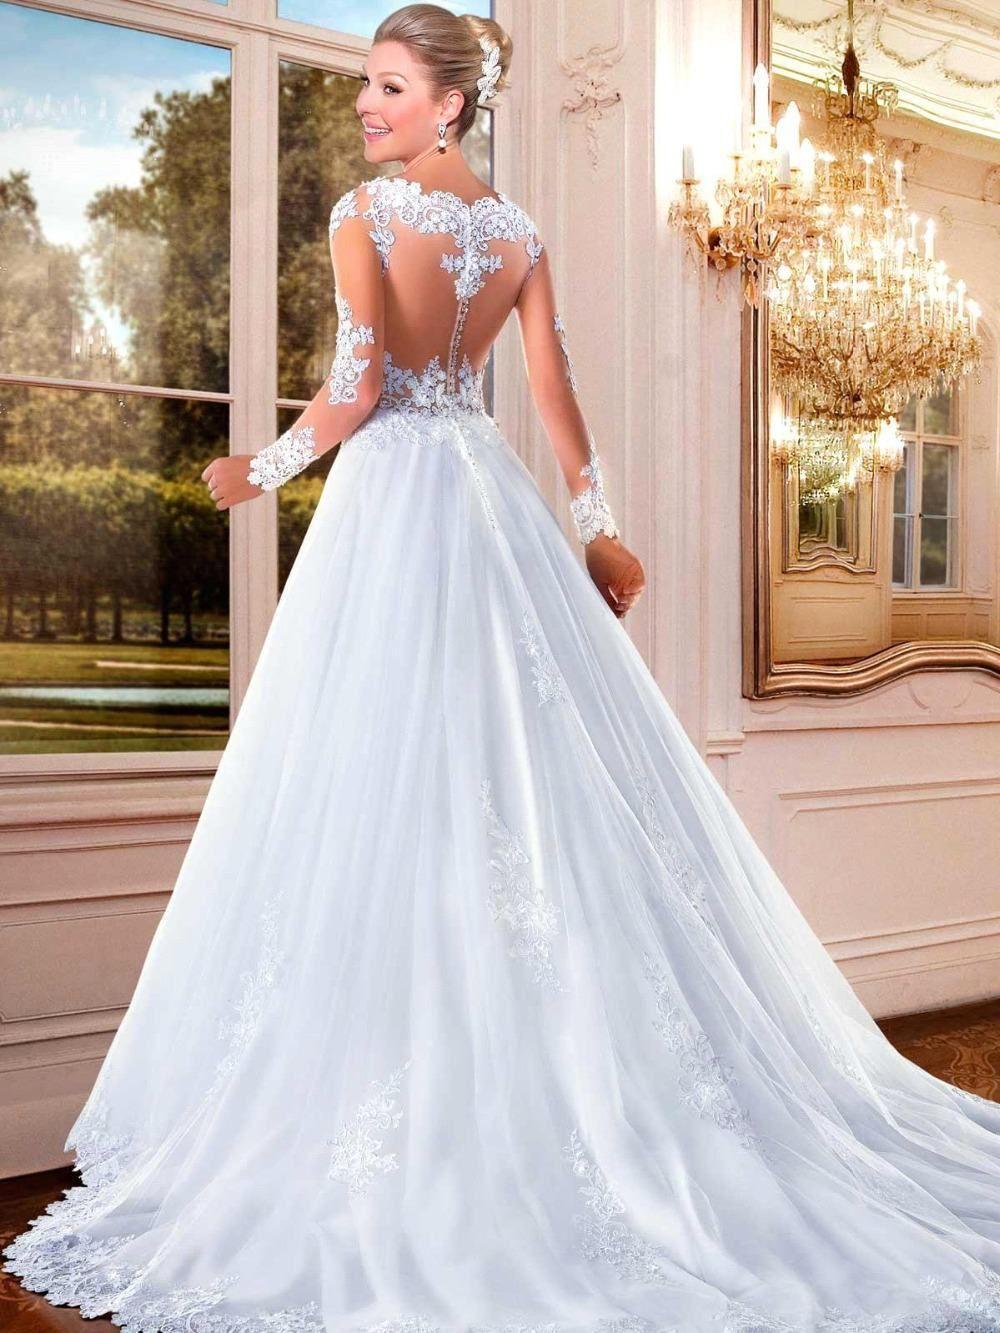 Vestido De Noiva Com Naga De Tule E Brodado Calda Longa Rochie De